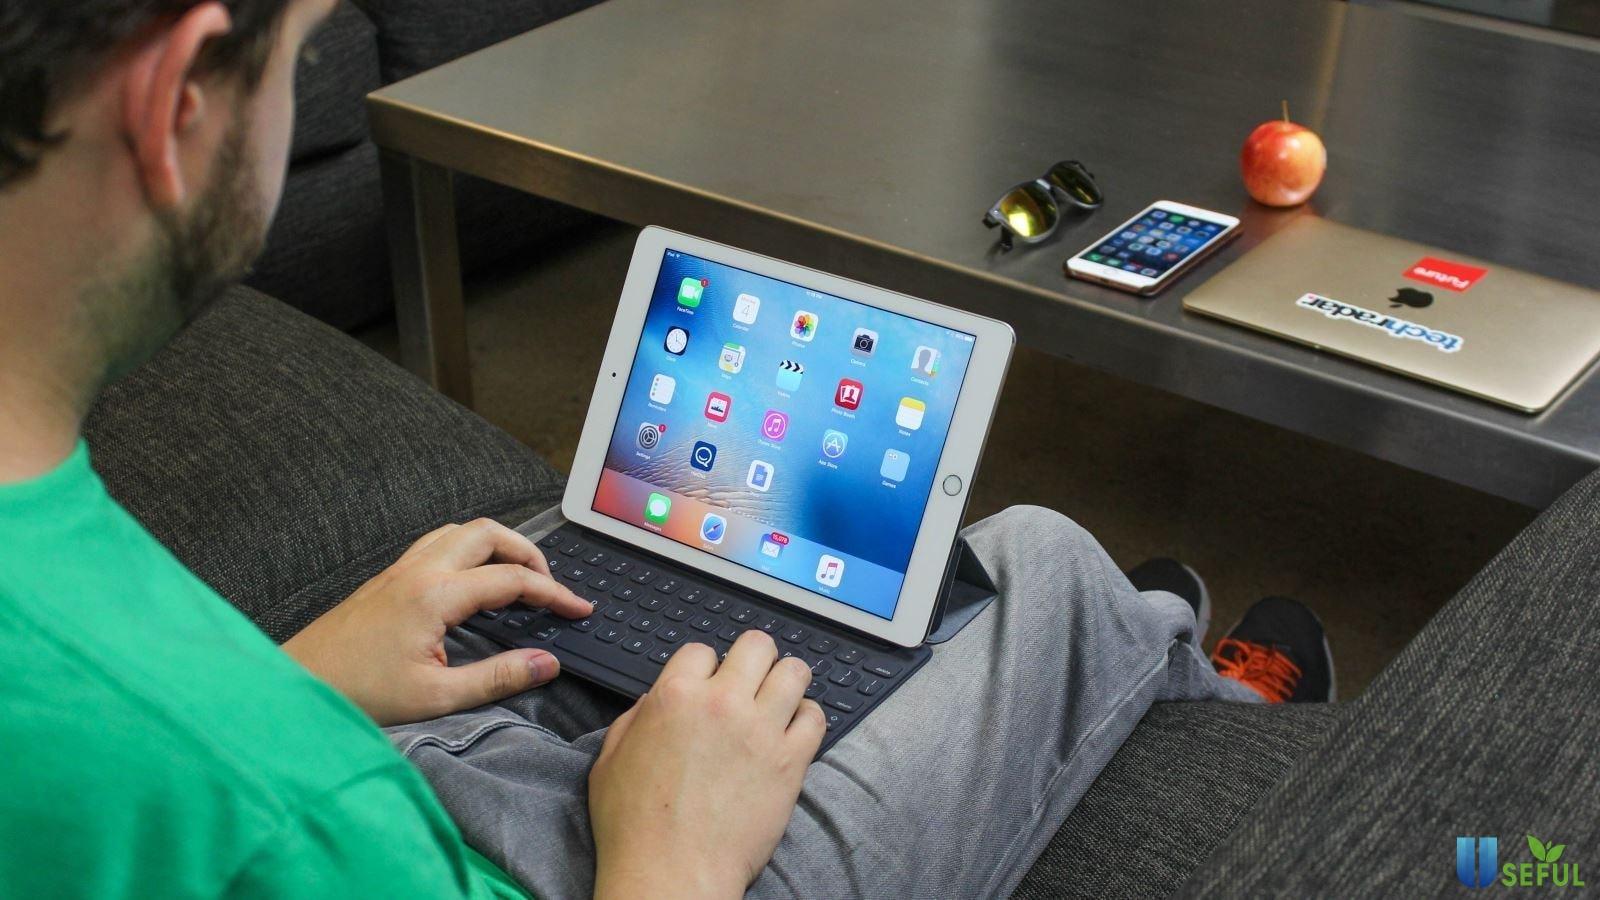 Còn mua iPad sử dụng ở nhà hoặc những địa điểm cố định